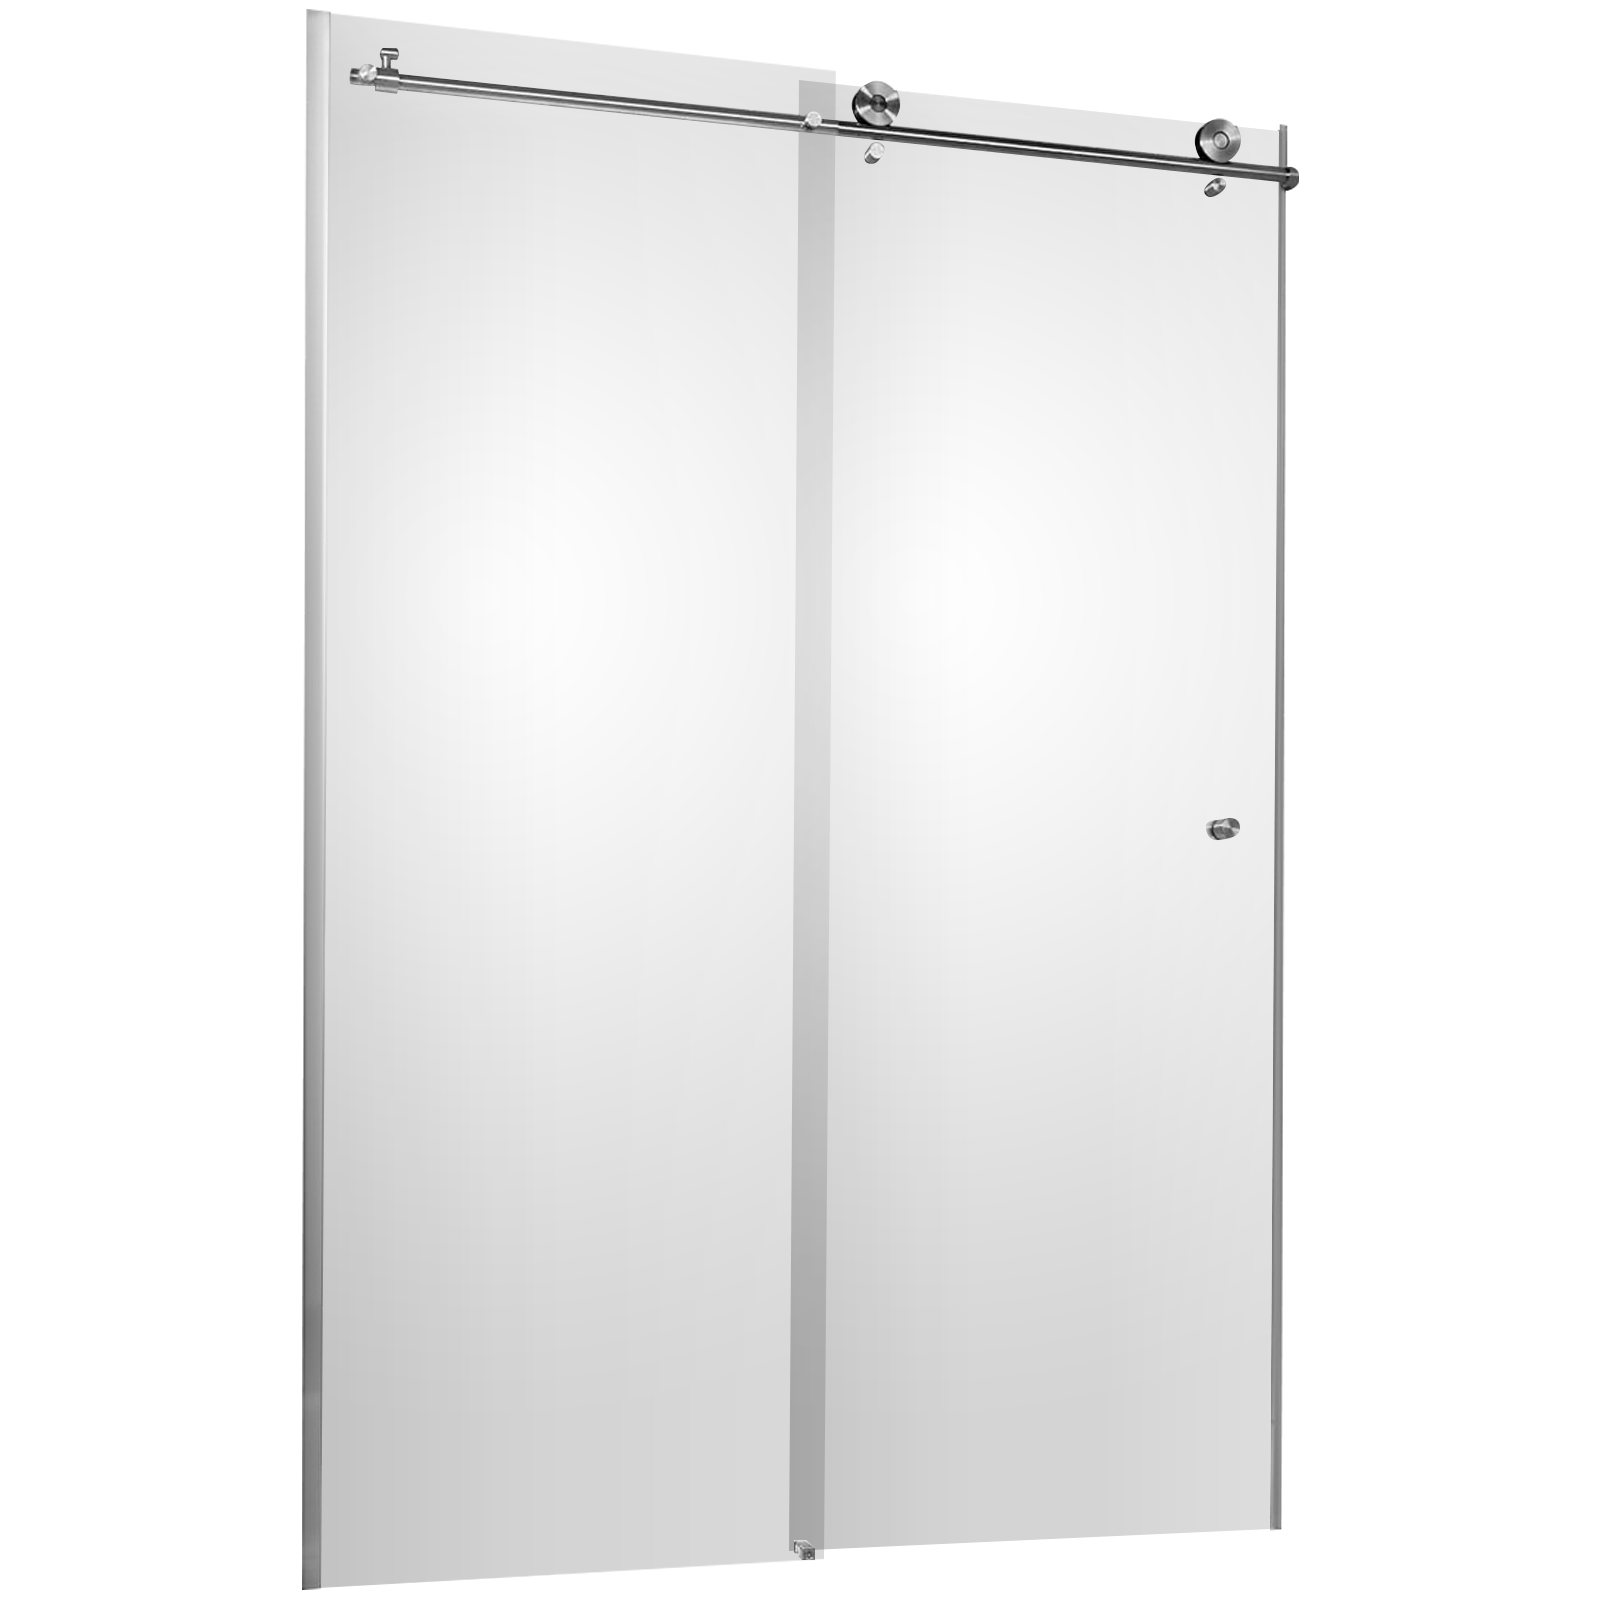 Portes de douche coulissantes, 160 x 200 cm, verre transparent, MasterClass